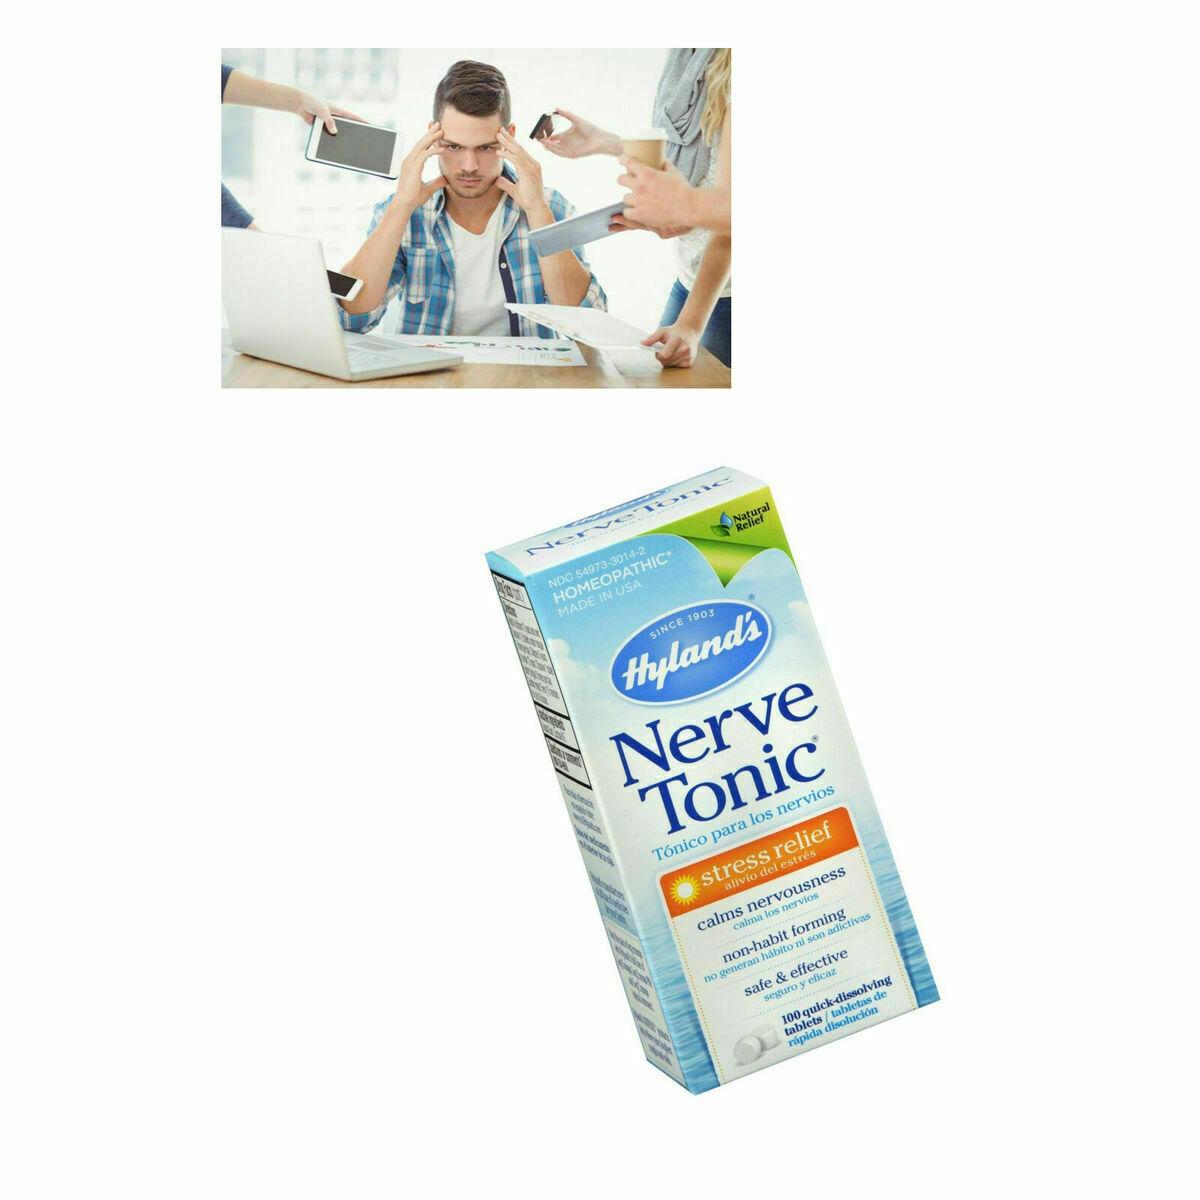 Pastillas Para Los Nervios Tratamiento Anti Estres Suplementos Aliviar Ansiedad 5